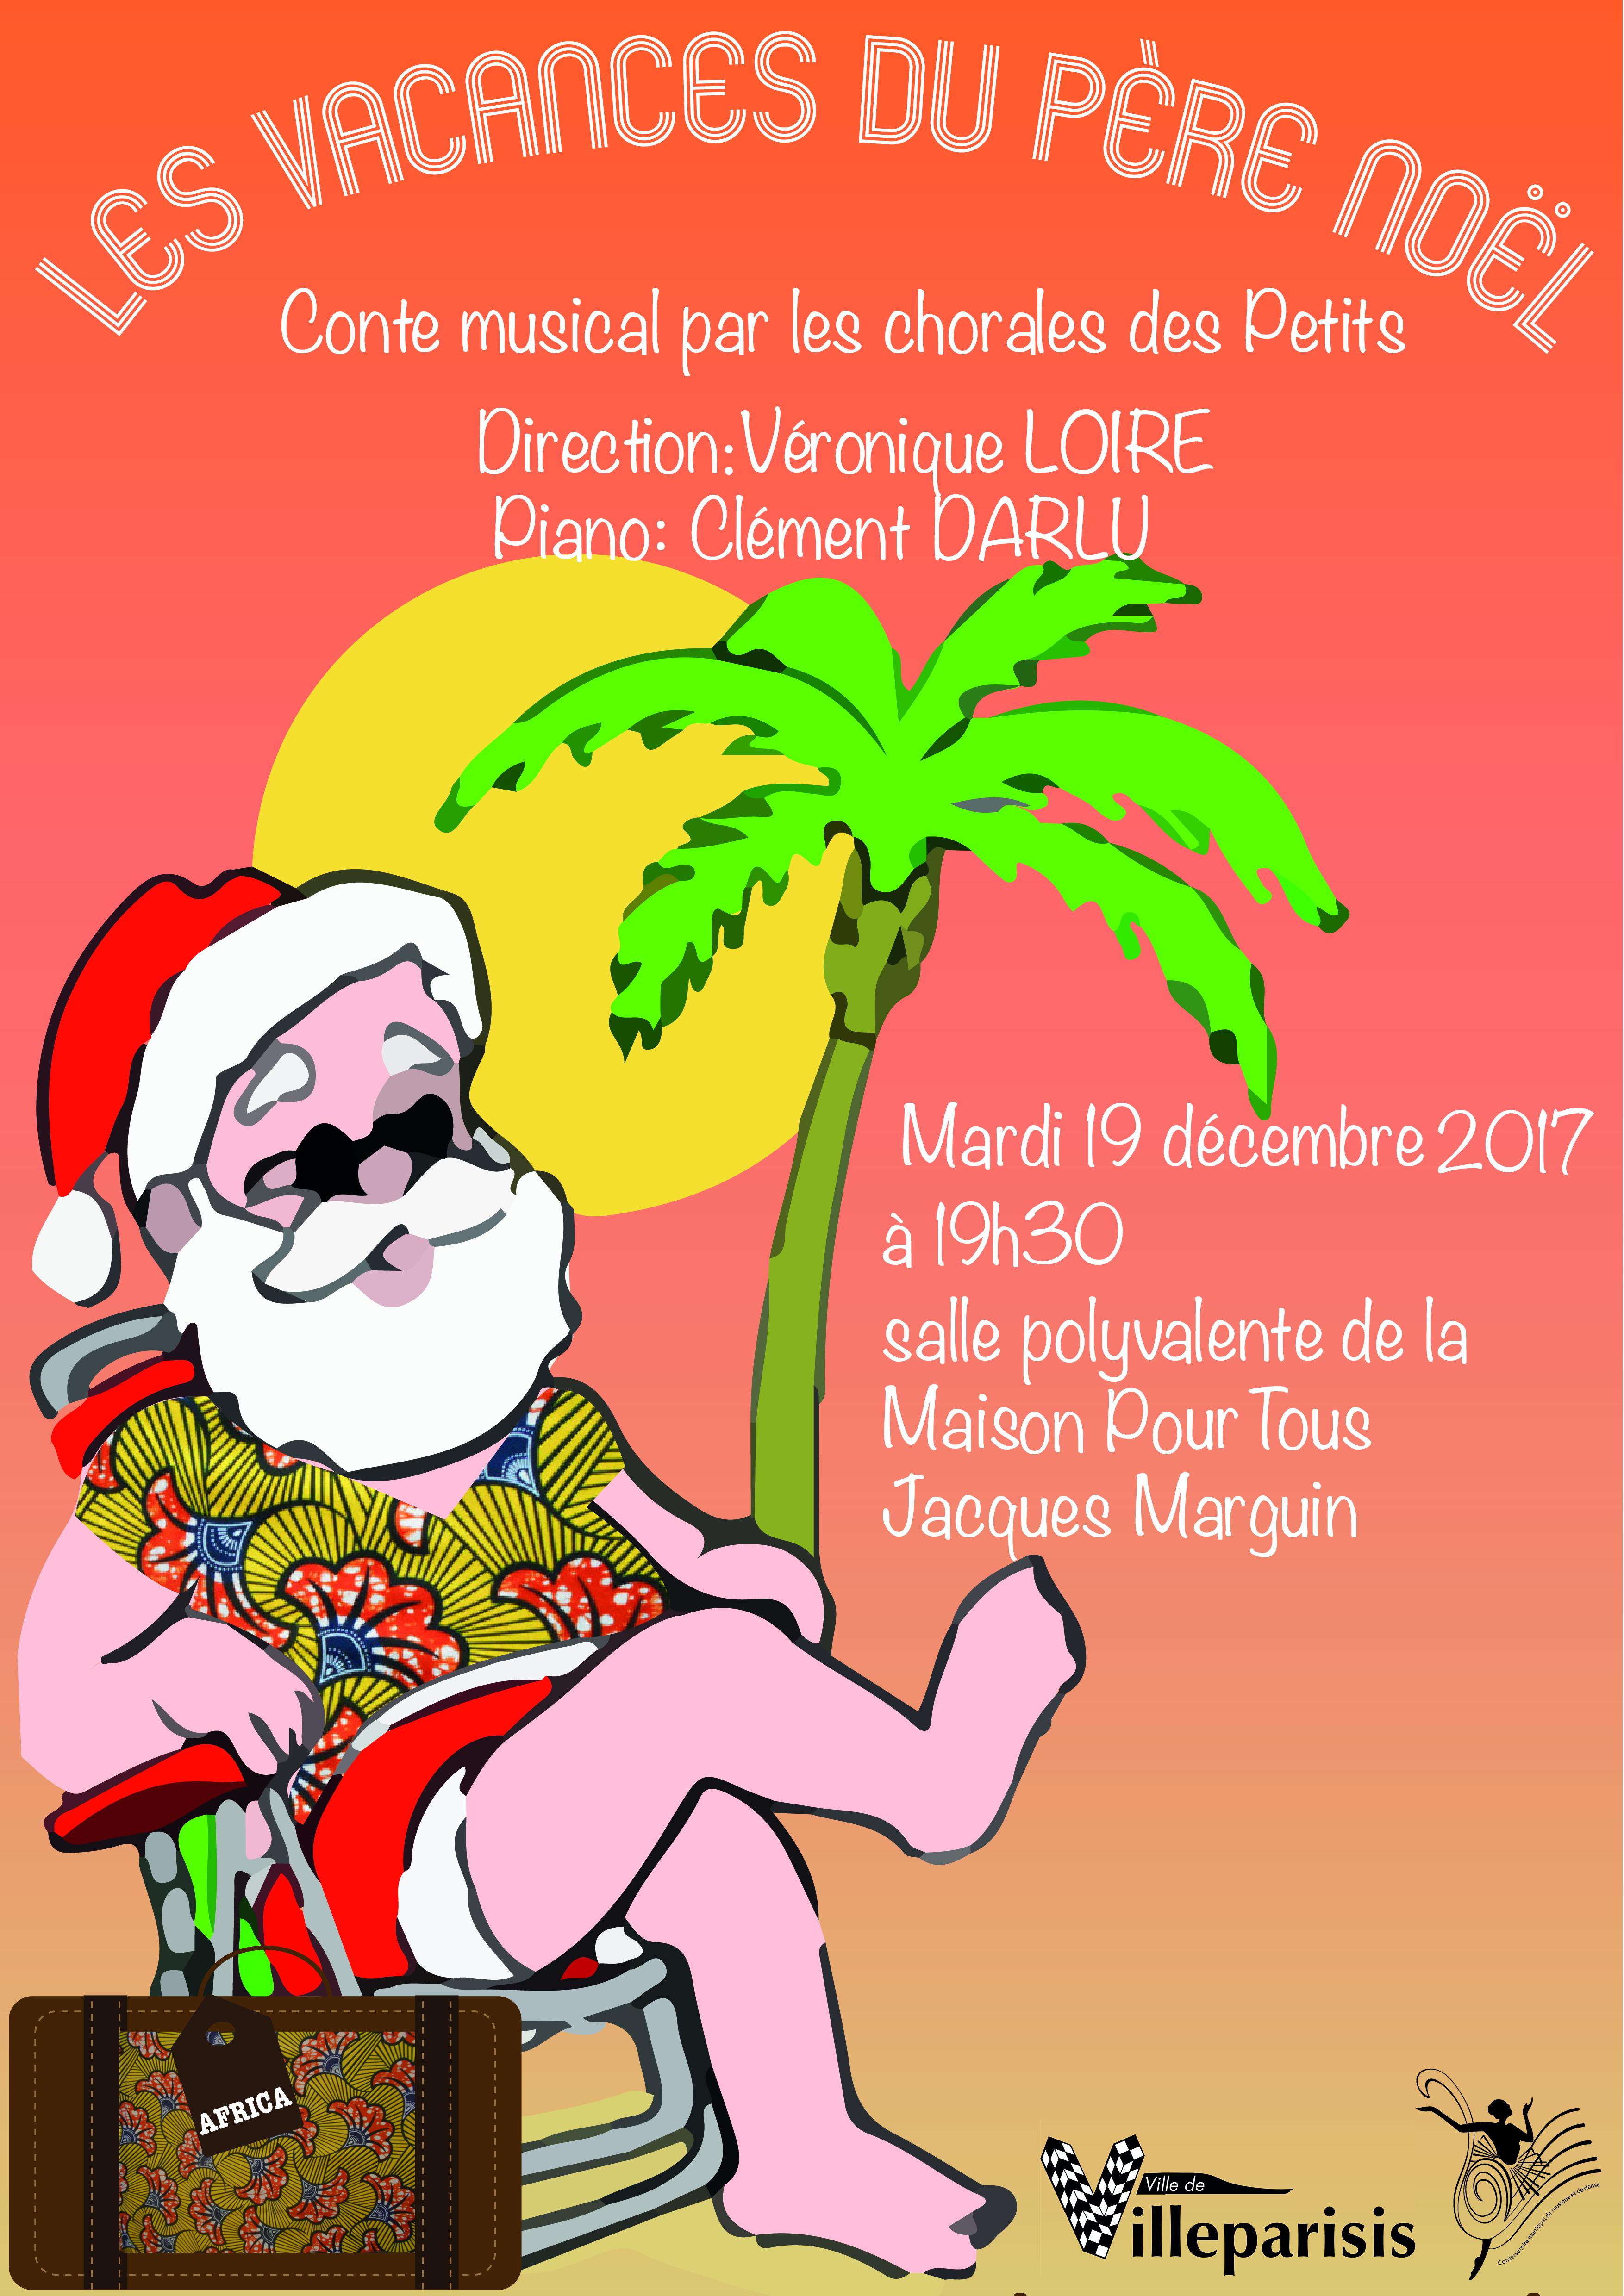 Conservatoire : « Les Vacances Du Père Noël » | Mairie De tout Musique Du Père Noël